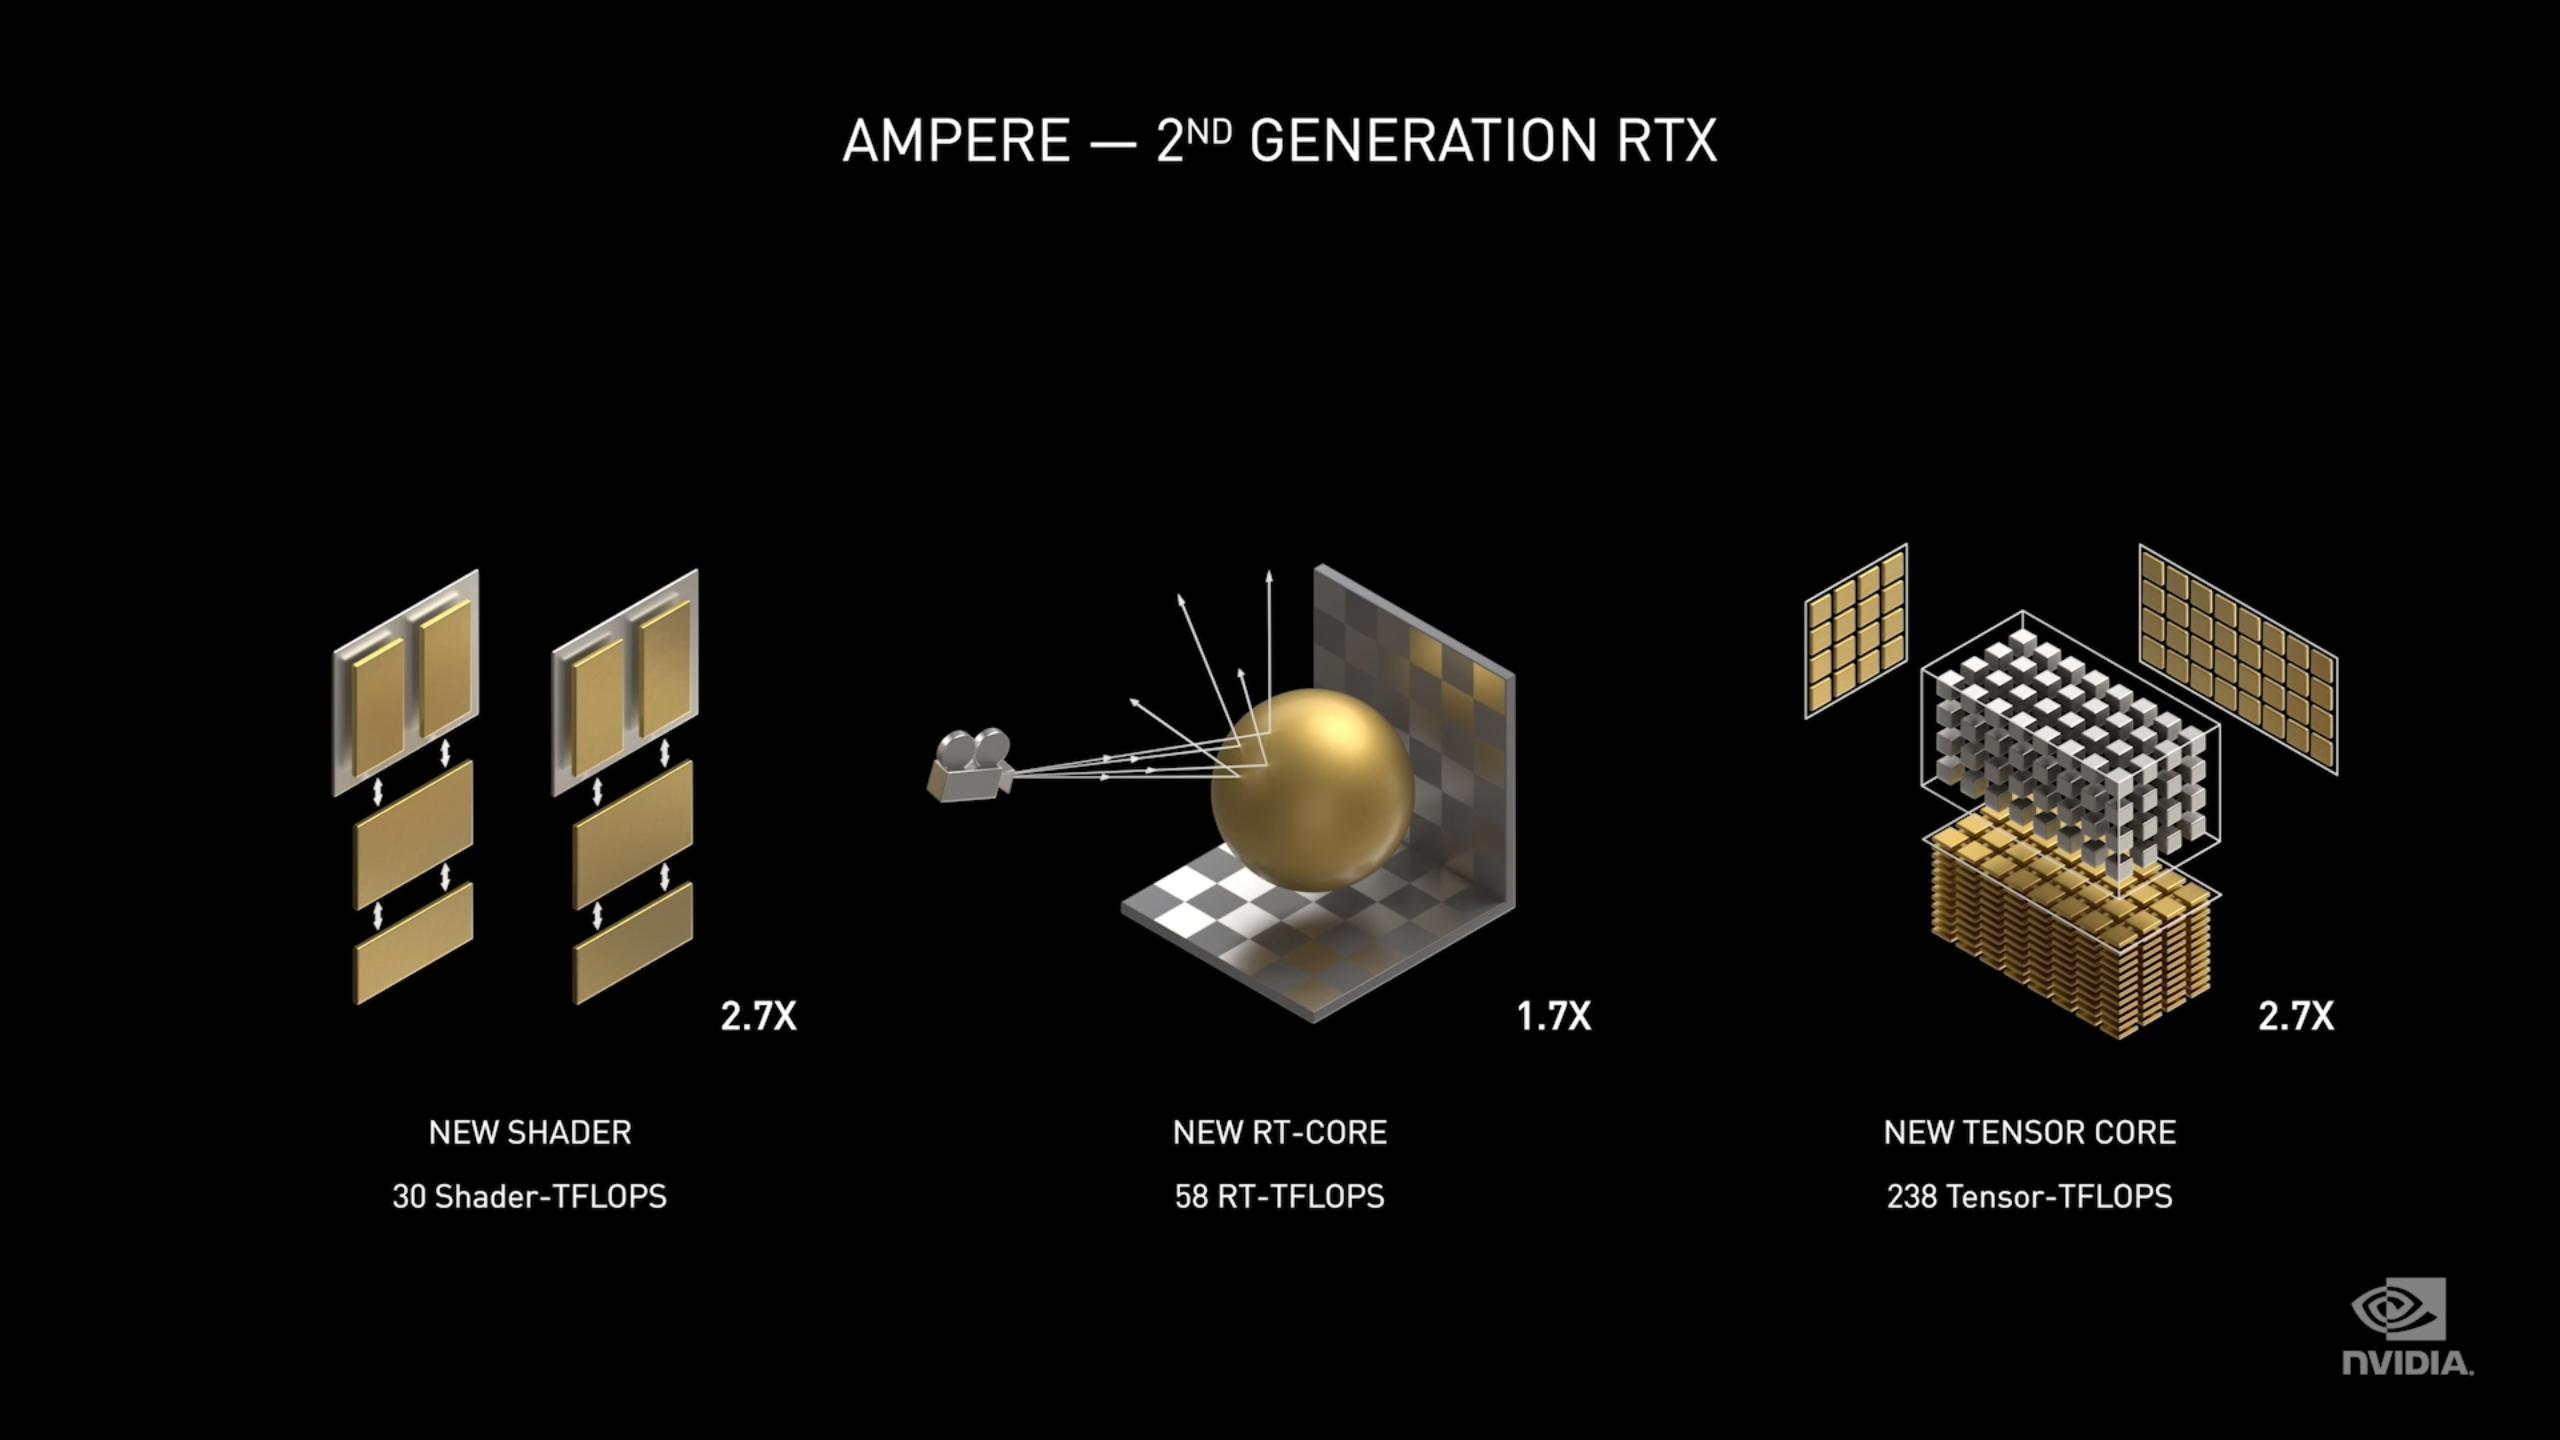 RT- og Tensor-kjernene øker både i effektivitet og antall. Her viser Nvidia hvor mye de mener ytelsen under helt spesifikke oppgaver stiger med for sitt kraftigste Ampere-kort, RTX 3090. Også shaderytelsen, som er viktig under spilling uten strålesporing aktivert, øker angivelig kraftig.